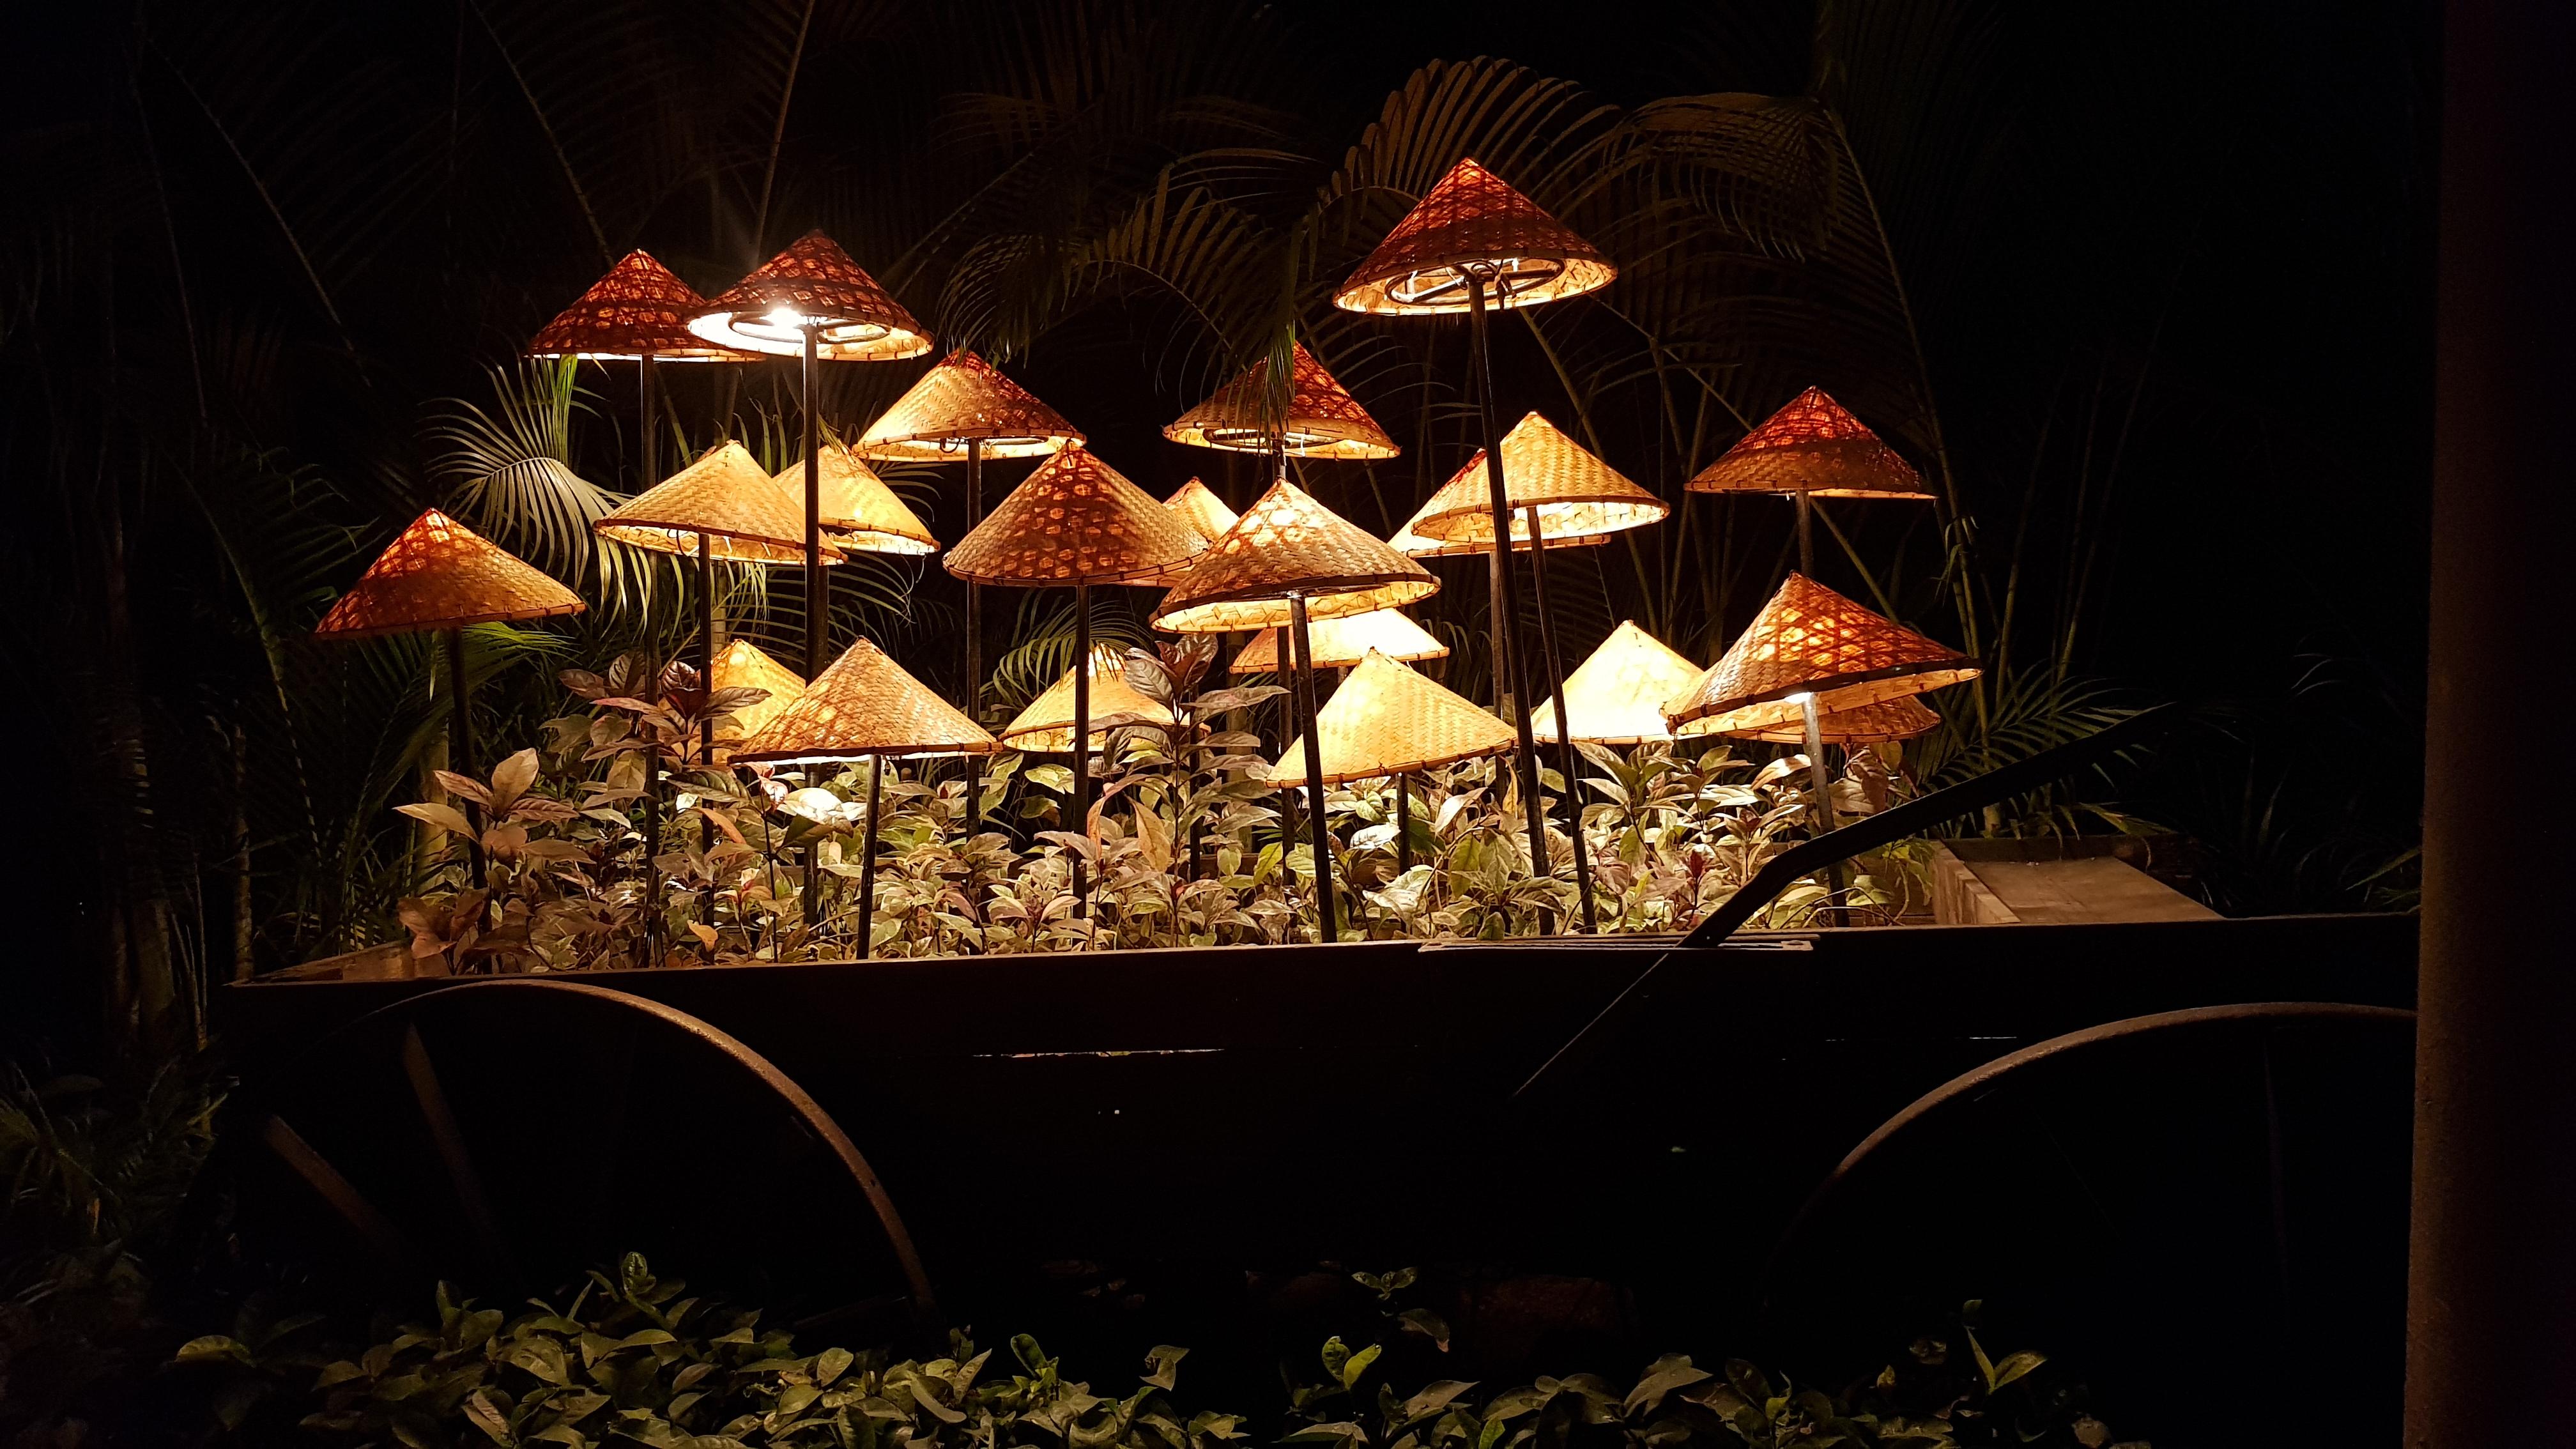 Images Gratuites : jardin, chinois, décoration, éclairage ...